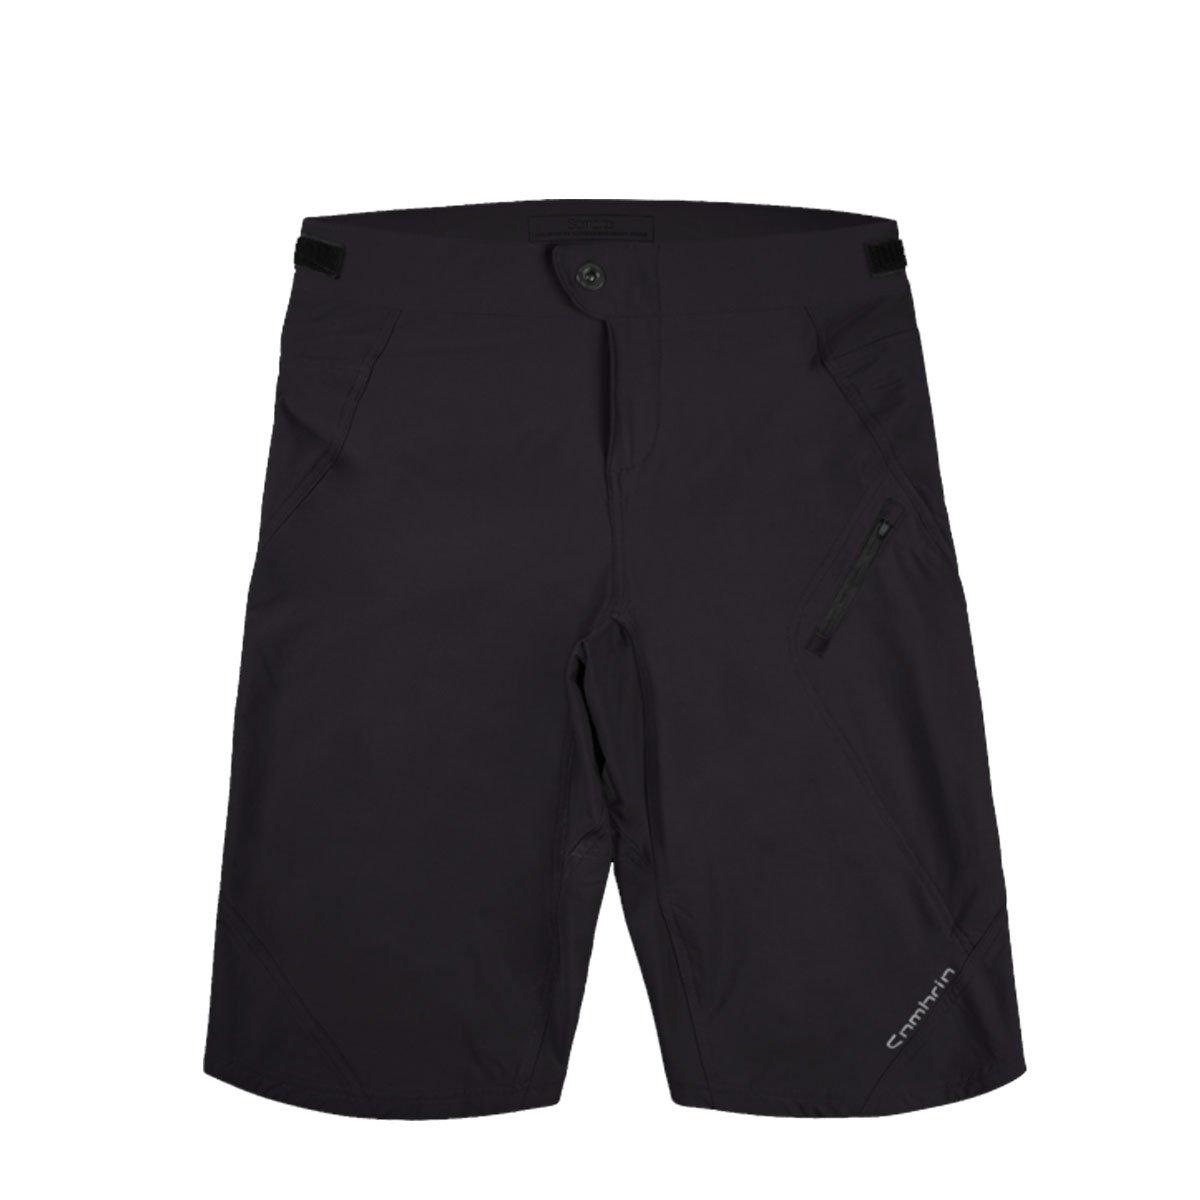 Sombrio 2017メンズBadass Cycling Shorts B06X1CZMJF X-Small|ブラック ブラック X-Small